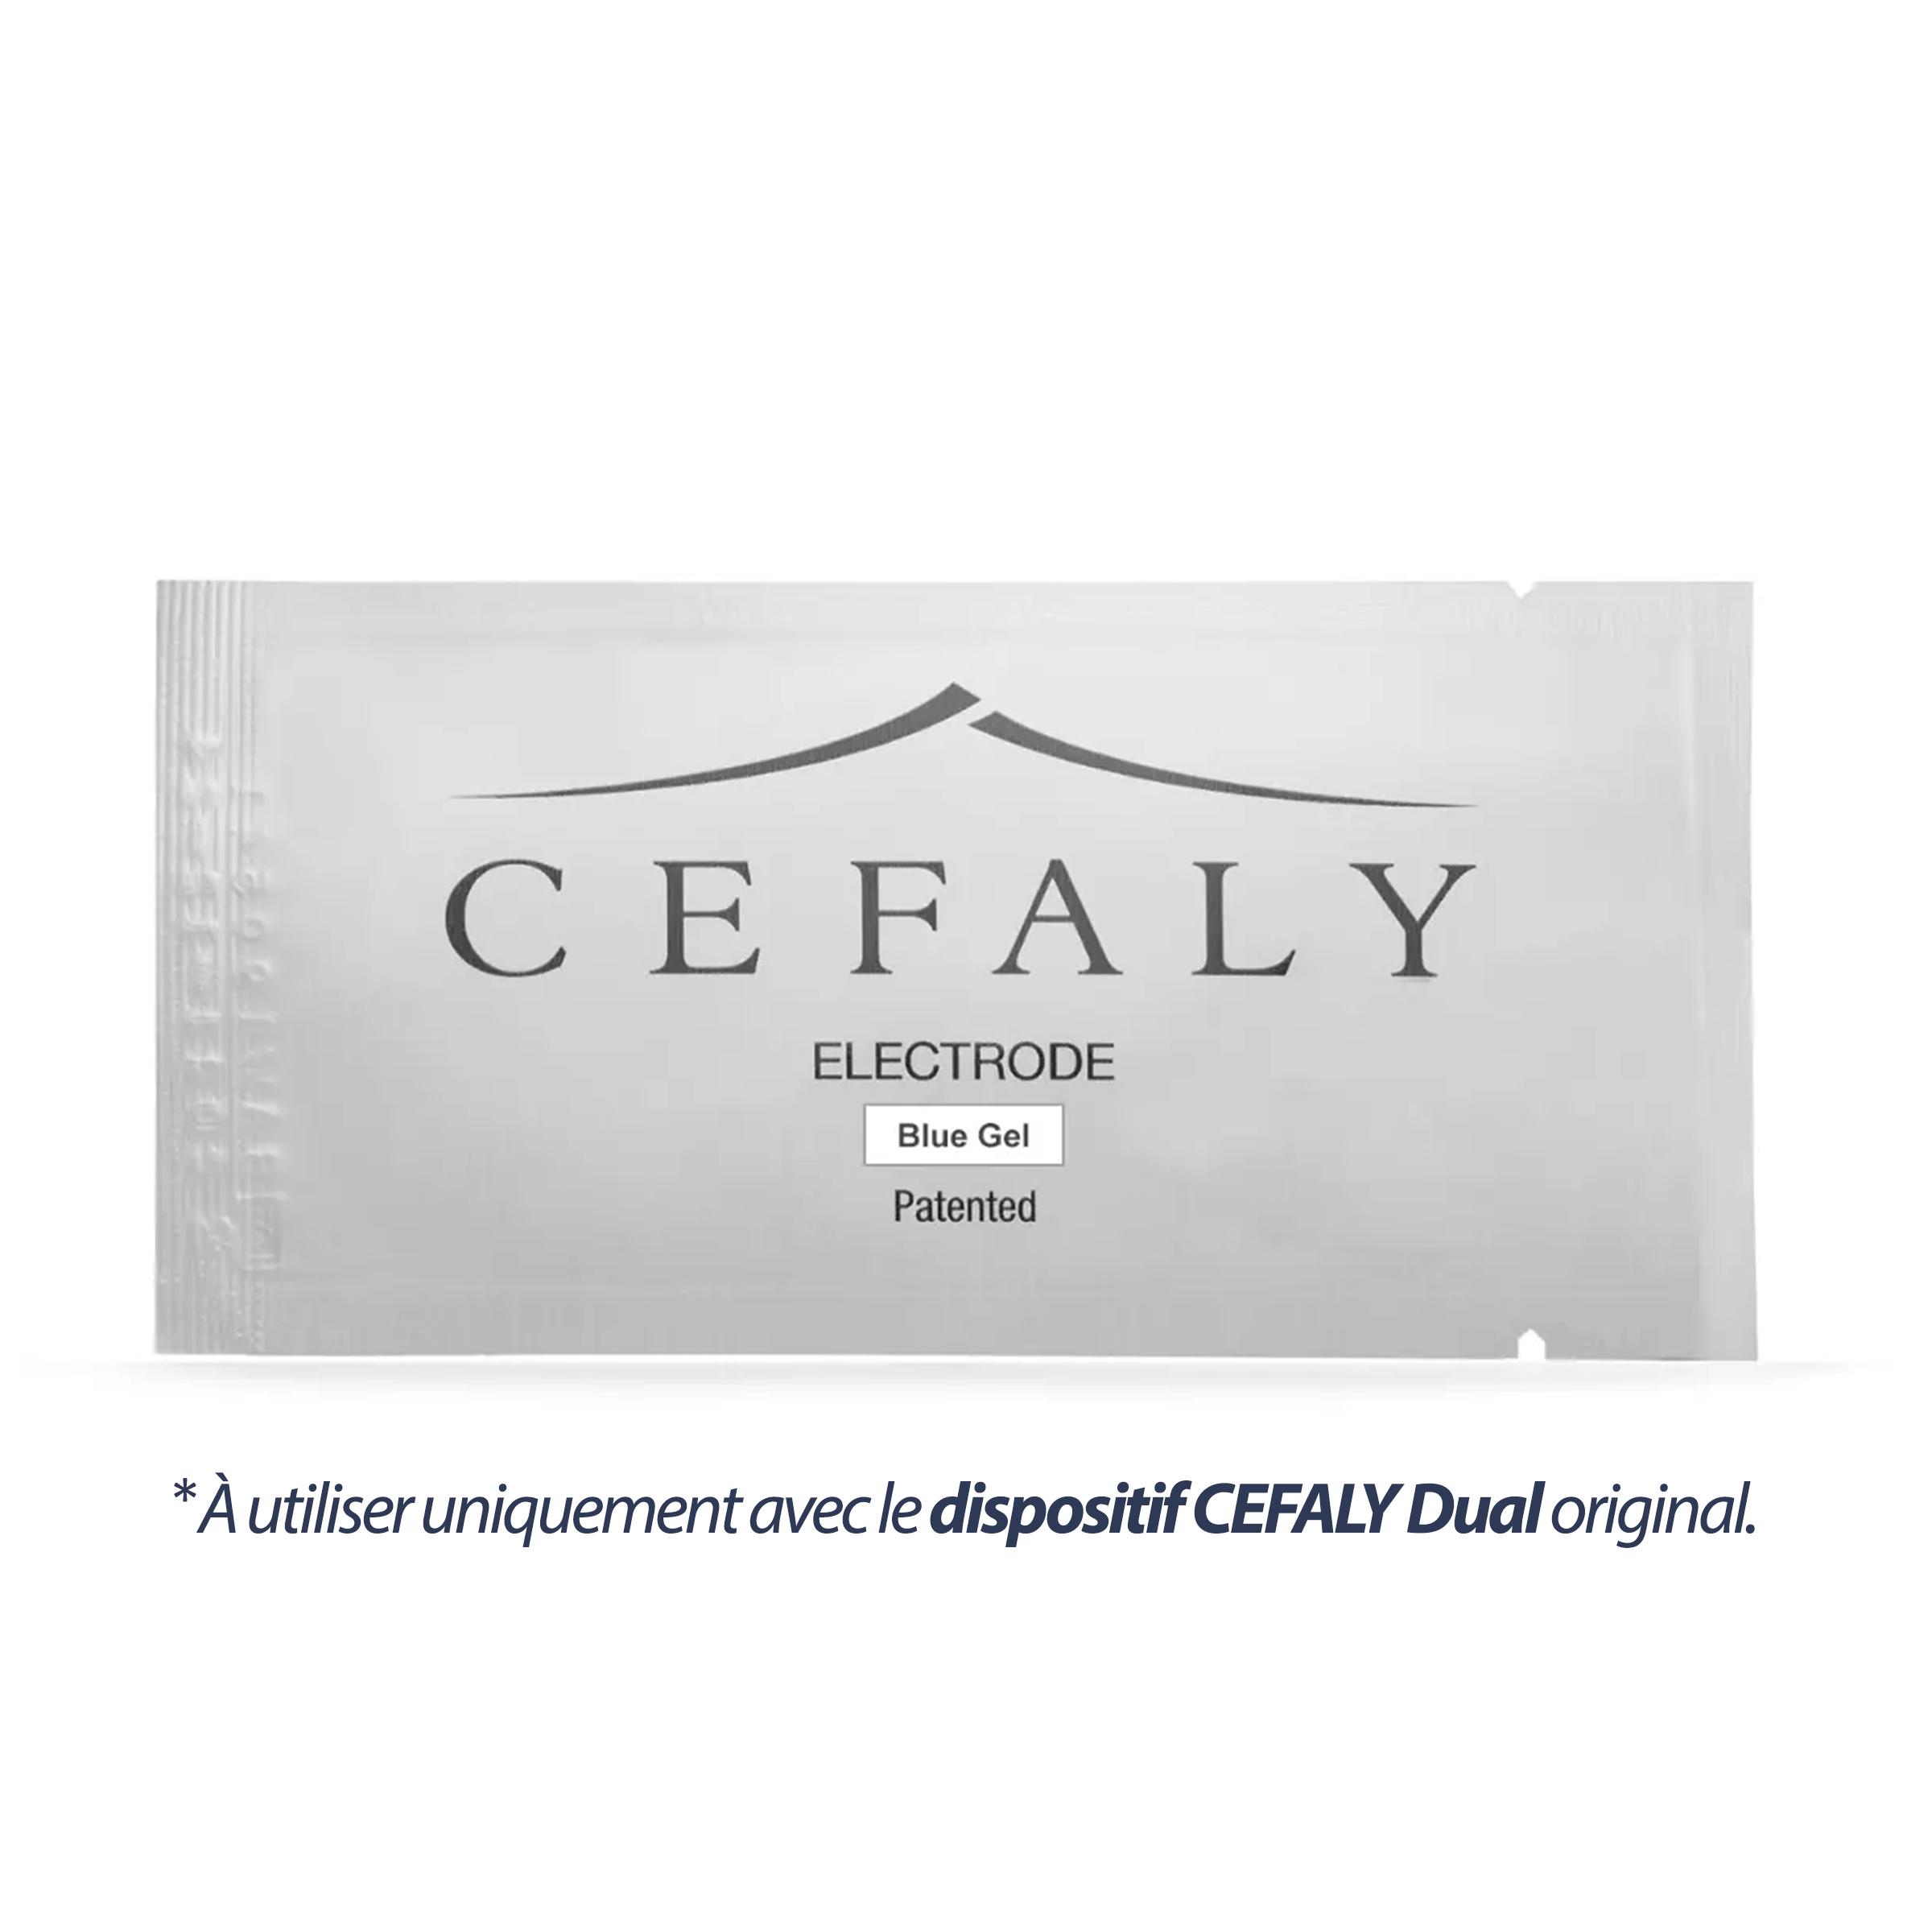 Électrodes  à gel bleu CEFALY - Trousse de 3